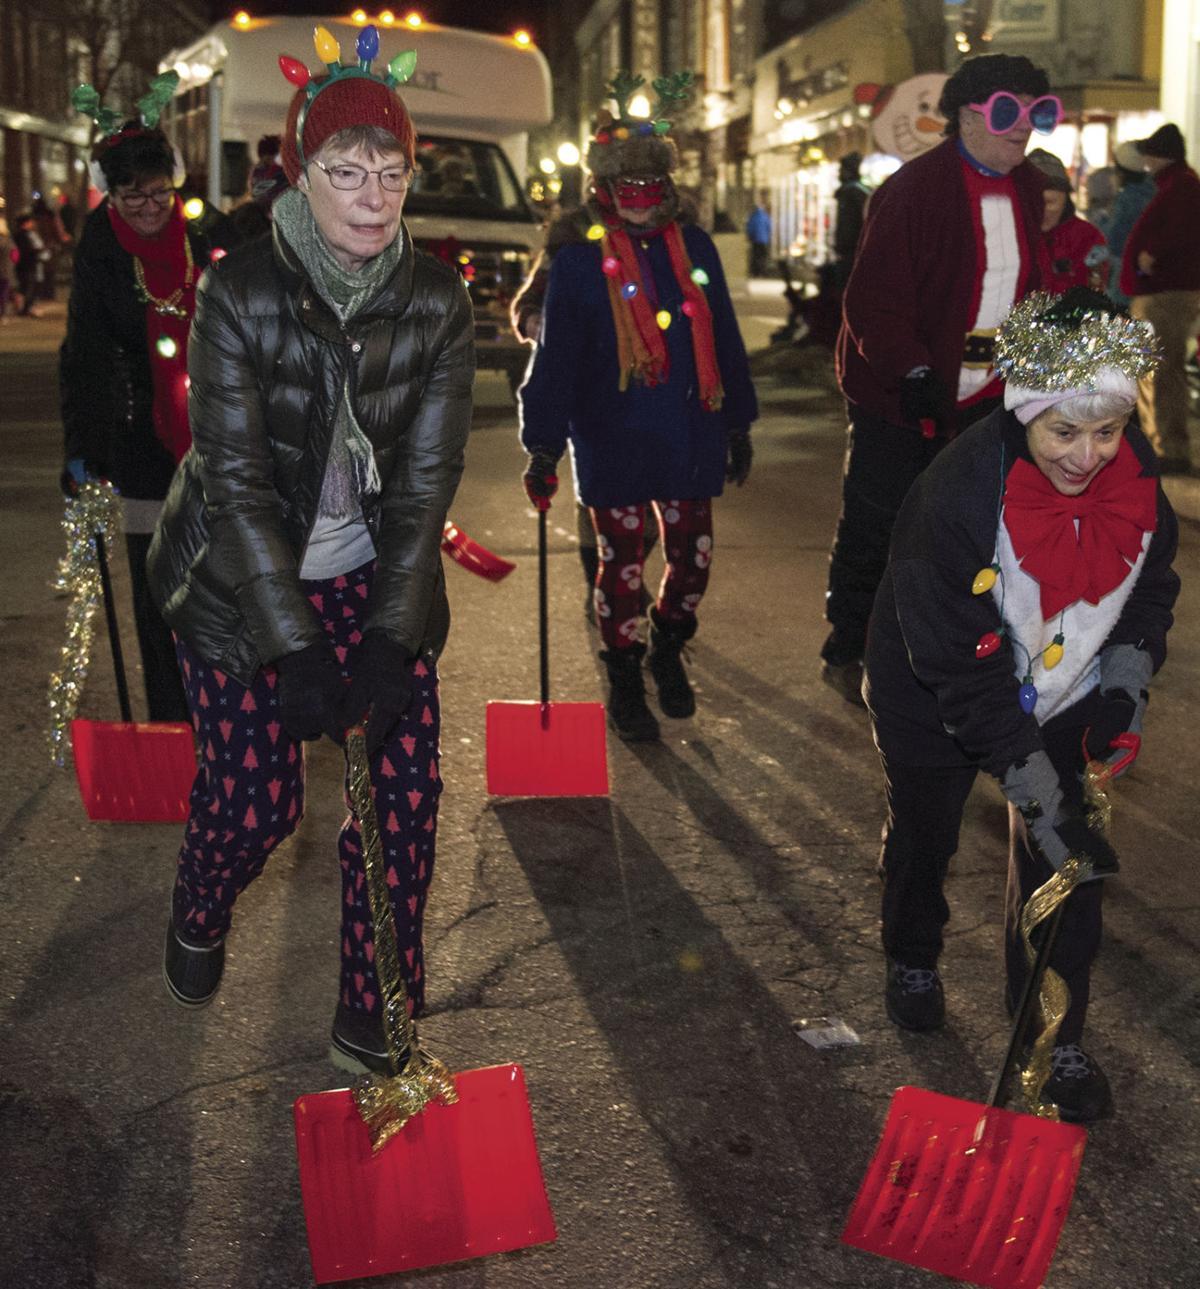 Laconia Christmas Parade 2020 Lighting up the night | Local News | laconiadailysun.com